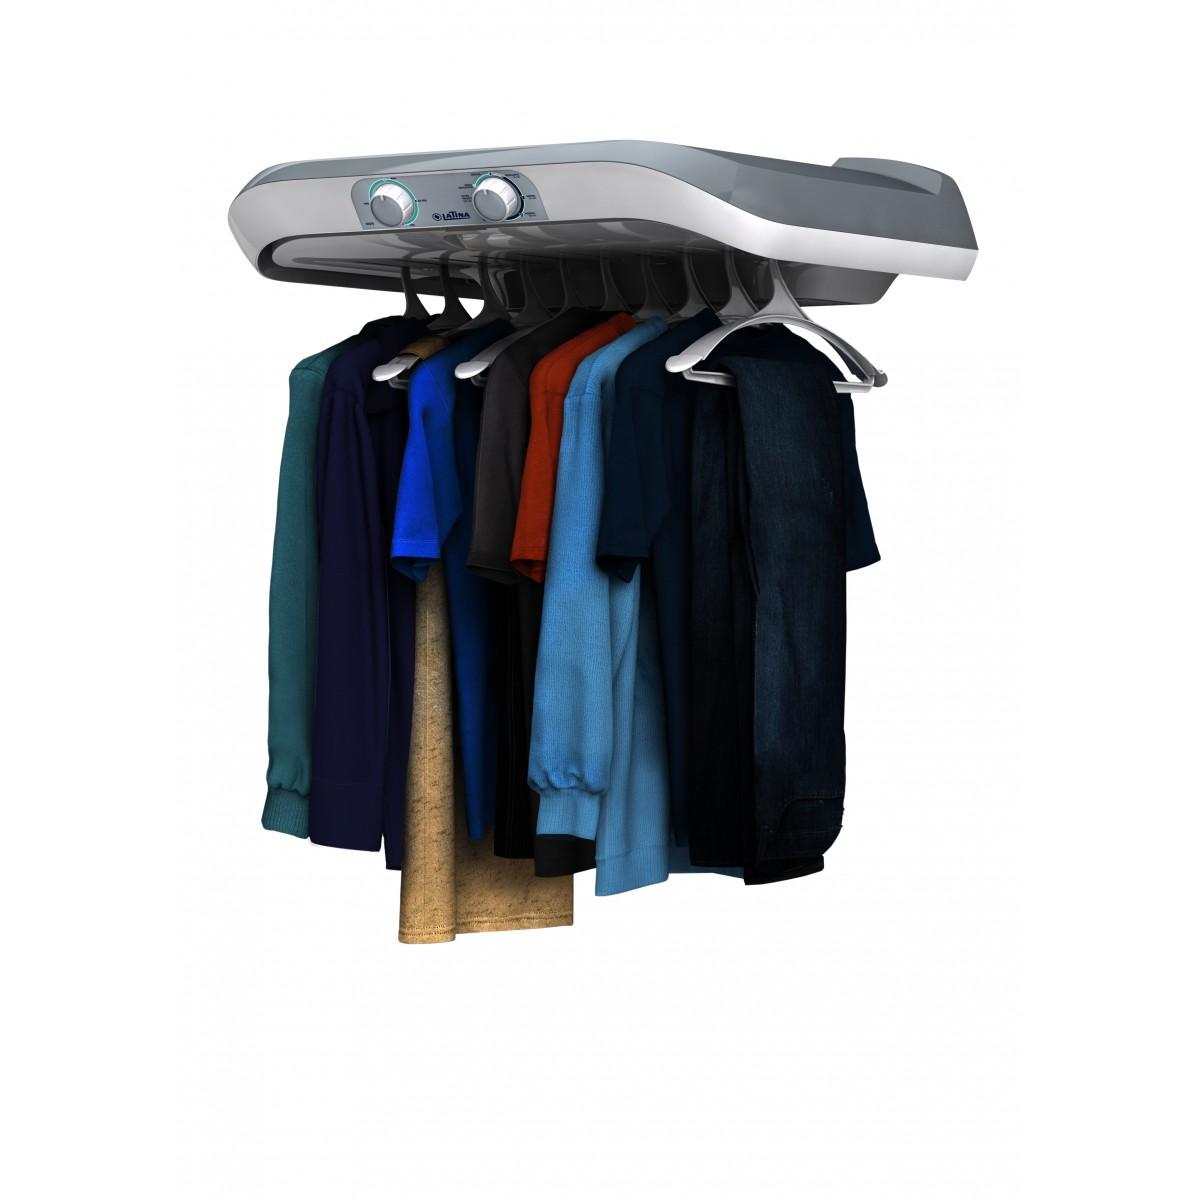 Secadora Latina Parede SR575 10Kg - 127V  - ShopNoroeste.com.br